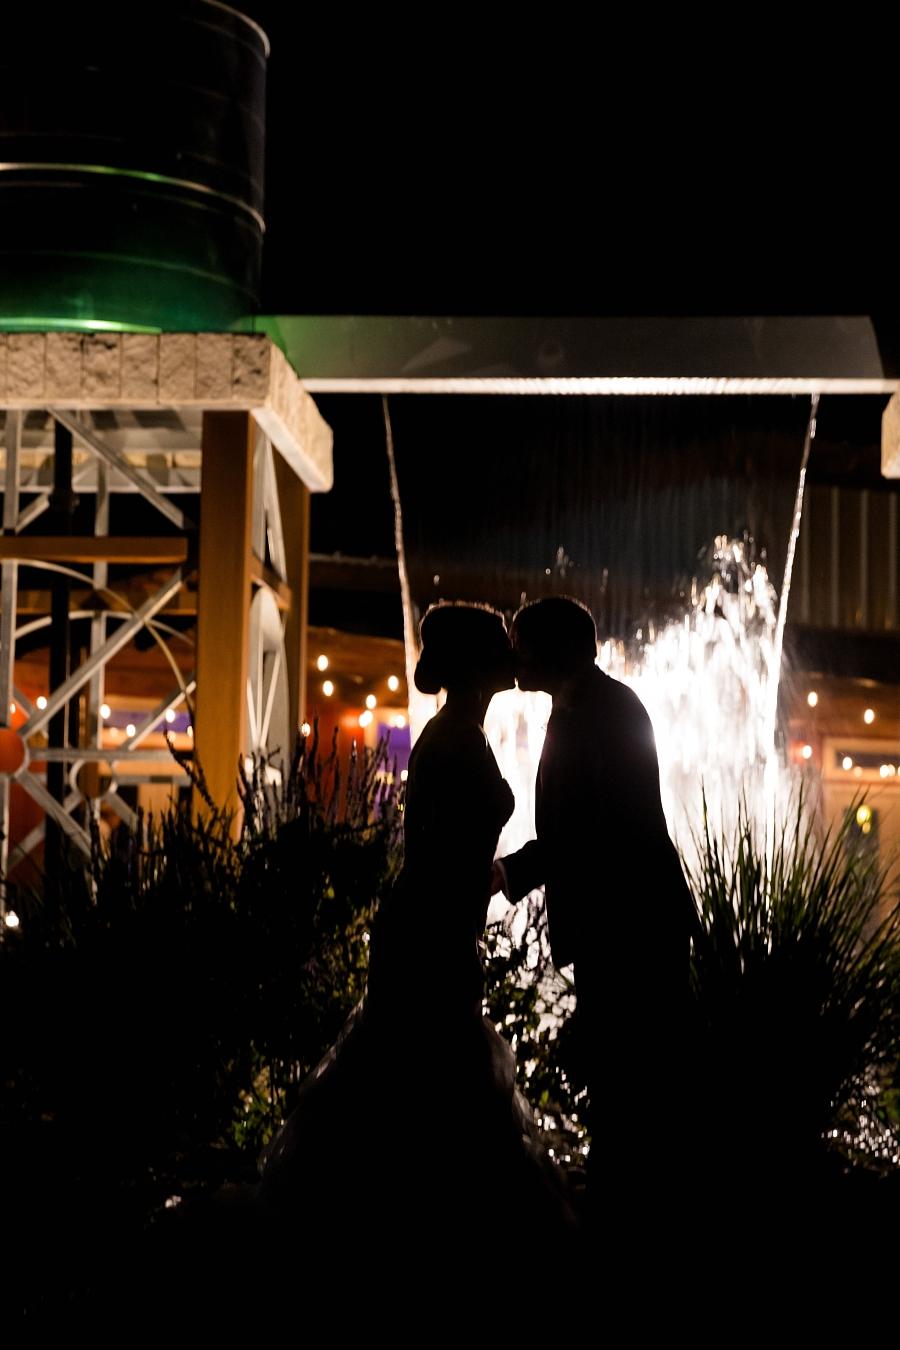 Stacy-Amderson-Photography-Houston-Fredericksberg-Wedding-Photographer_0072.jpg